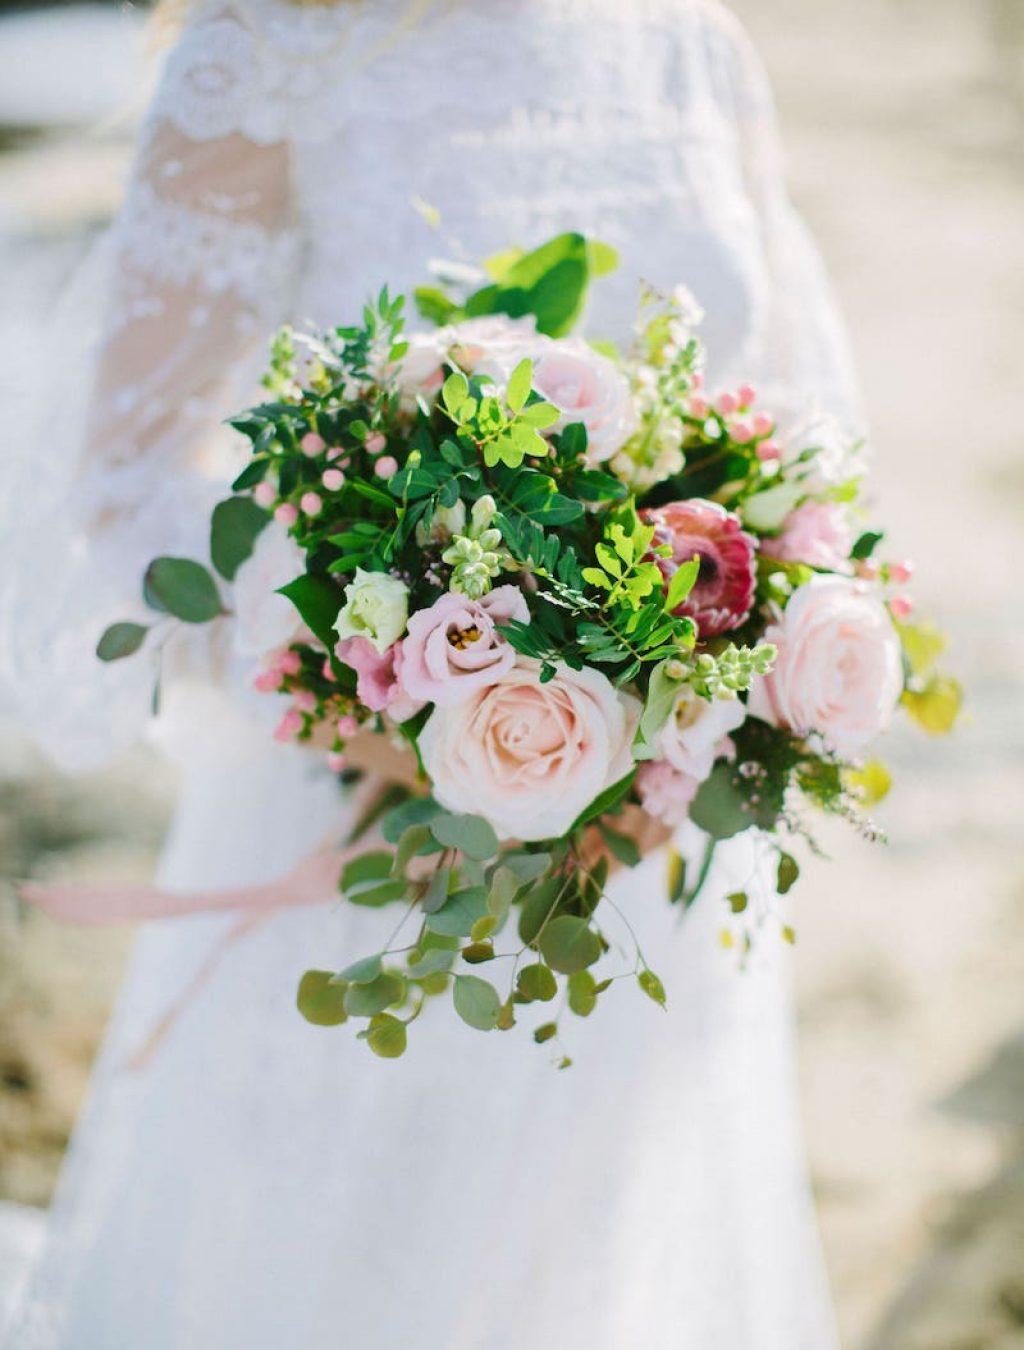 precioso ramo de novia para vestido de novia para bodas románticas en Mallorca